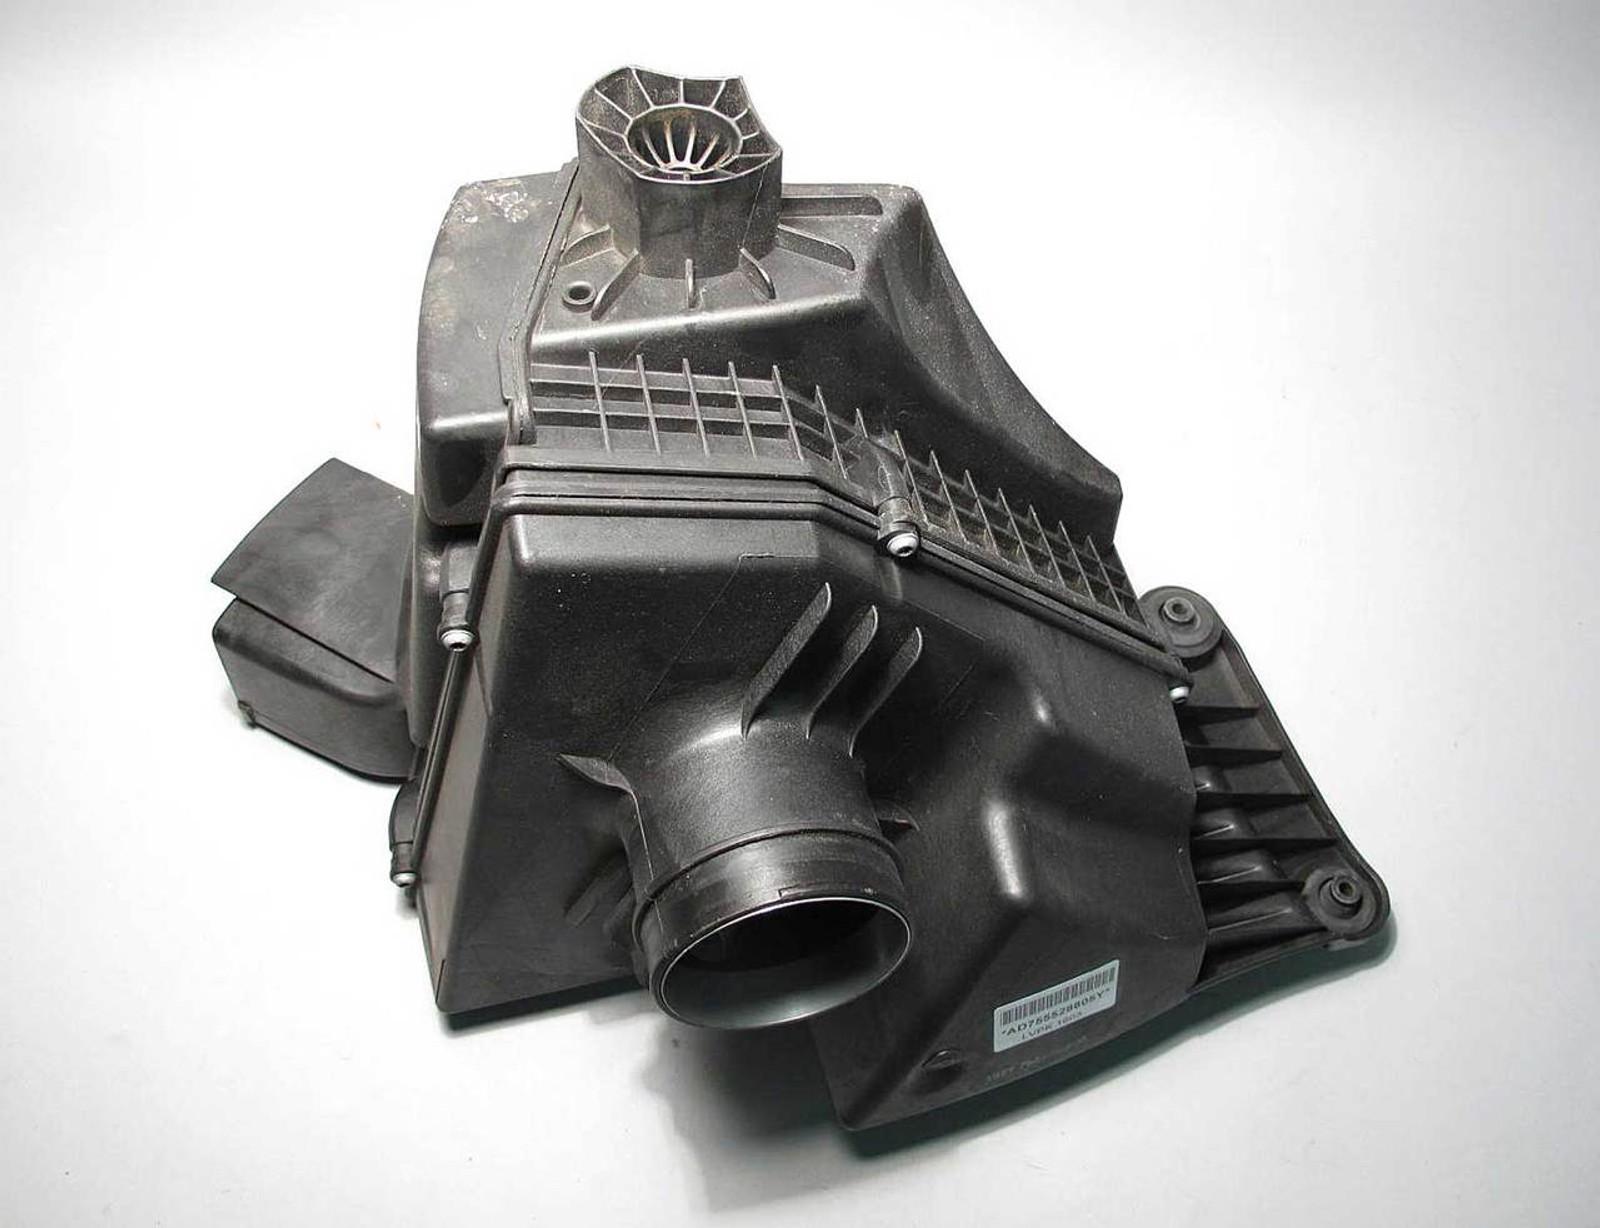 BMW N51 N52N 6-Cyl 3.0L Engine Air Filter Housing Intake Muffler 2007-2013 OEM